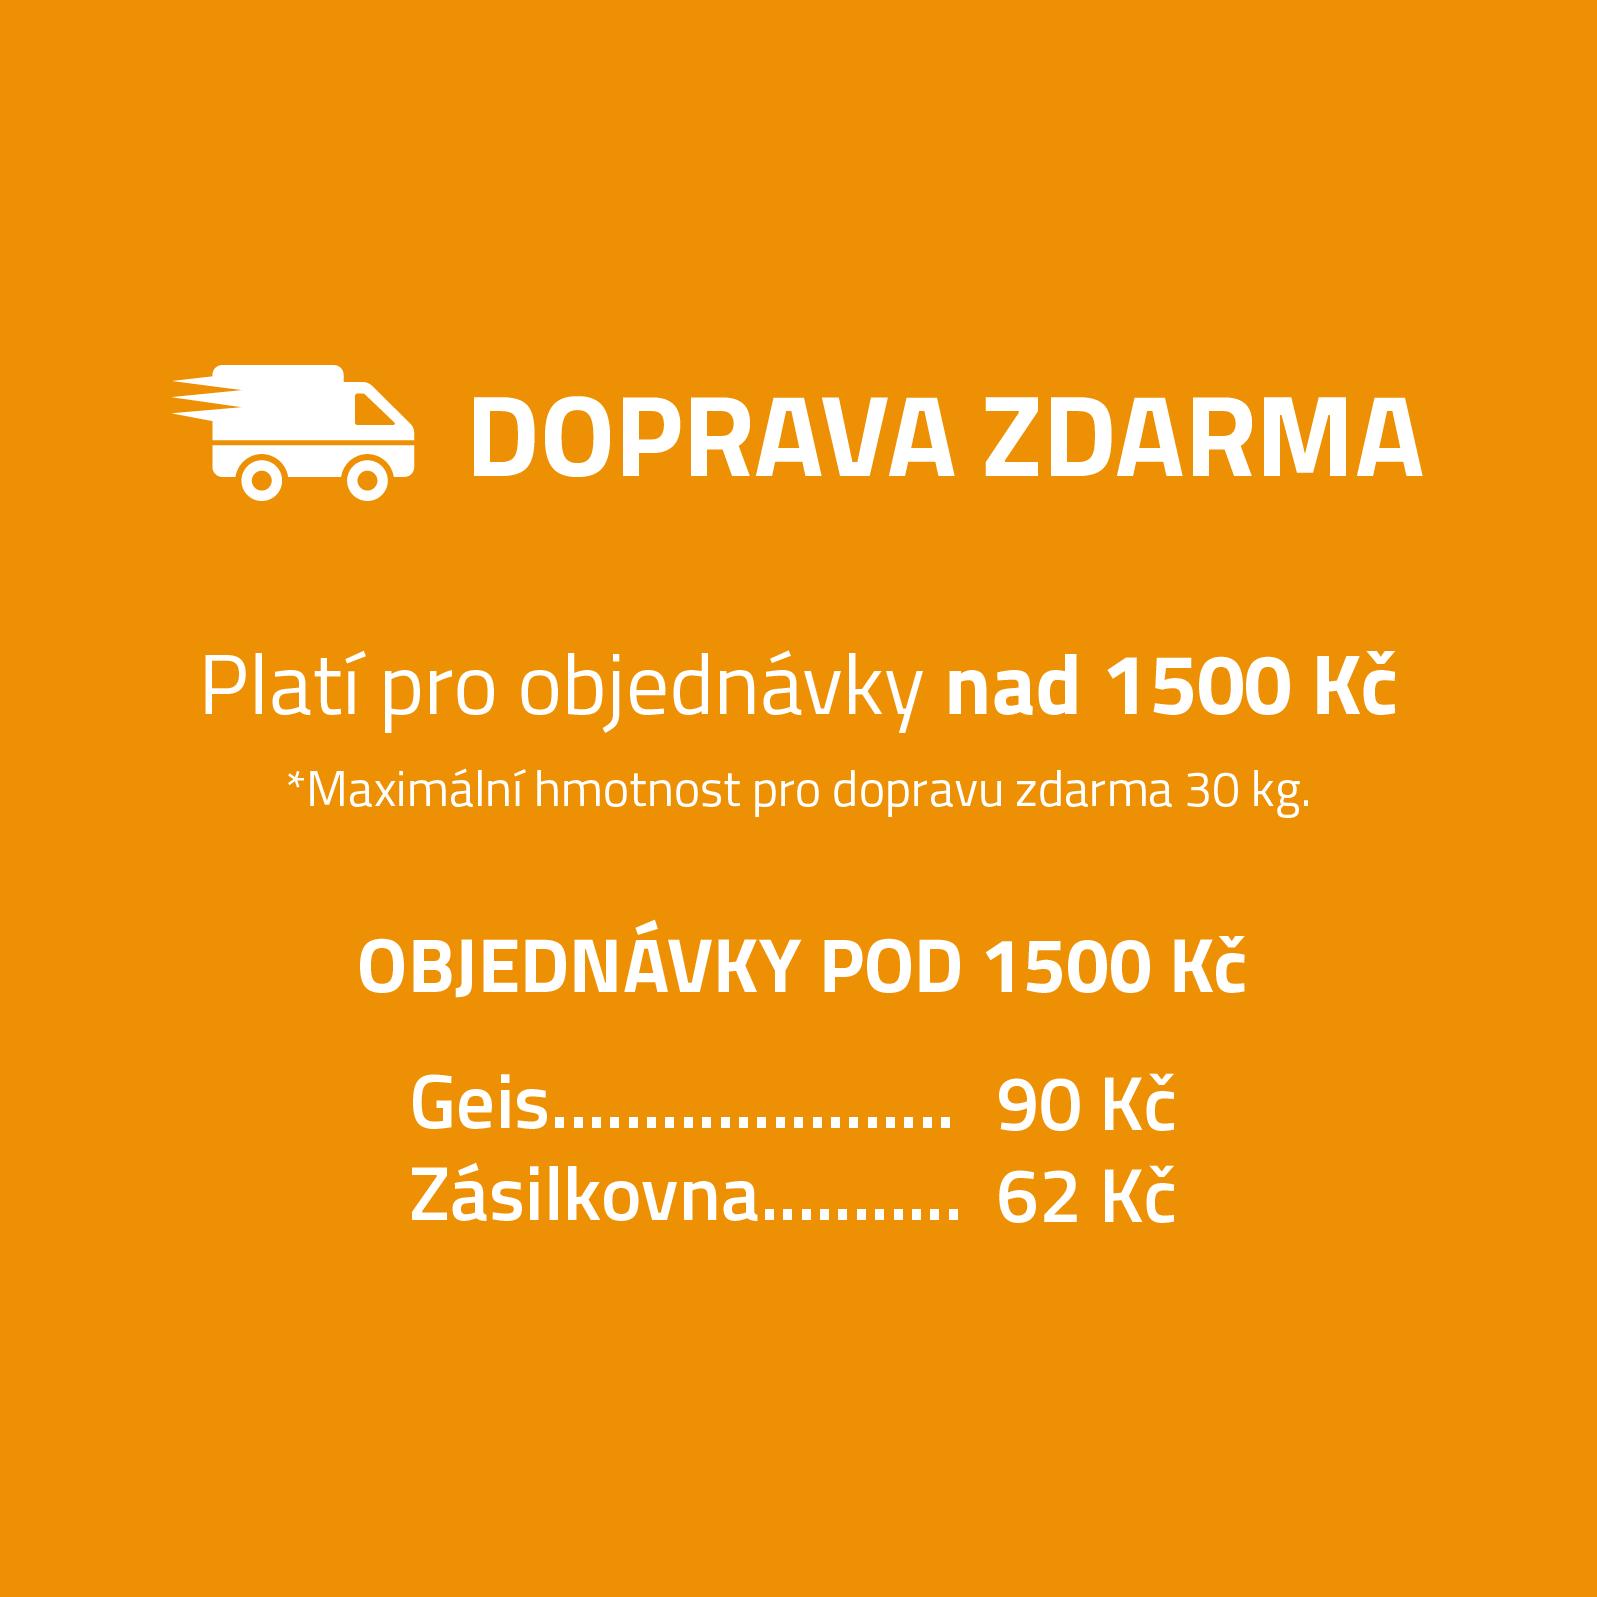 Cena dopravy u DomacíMazel.cz